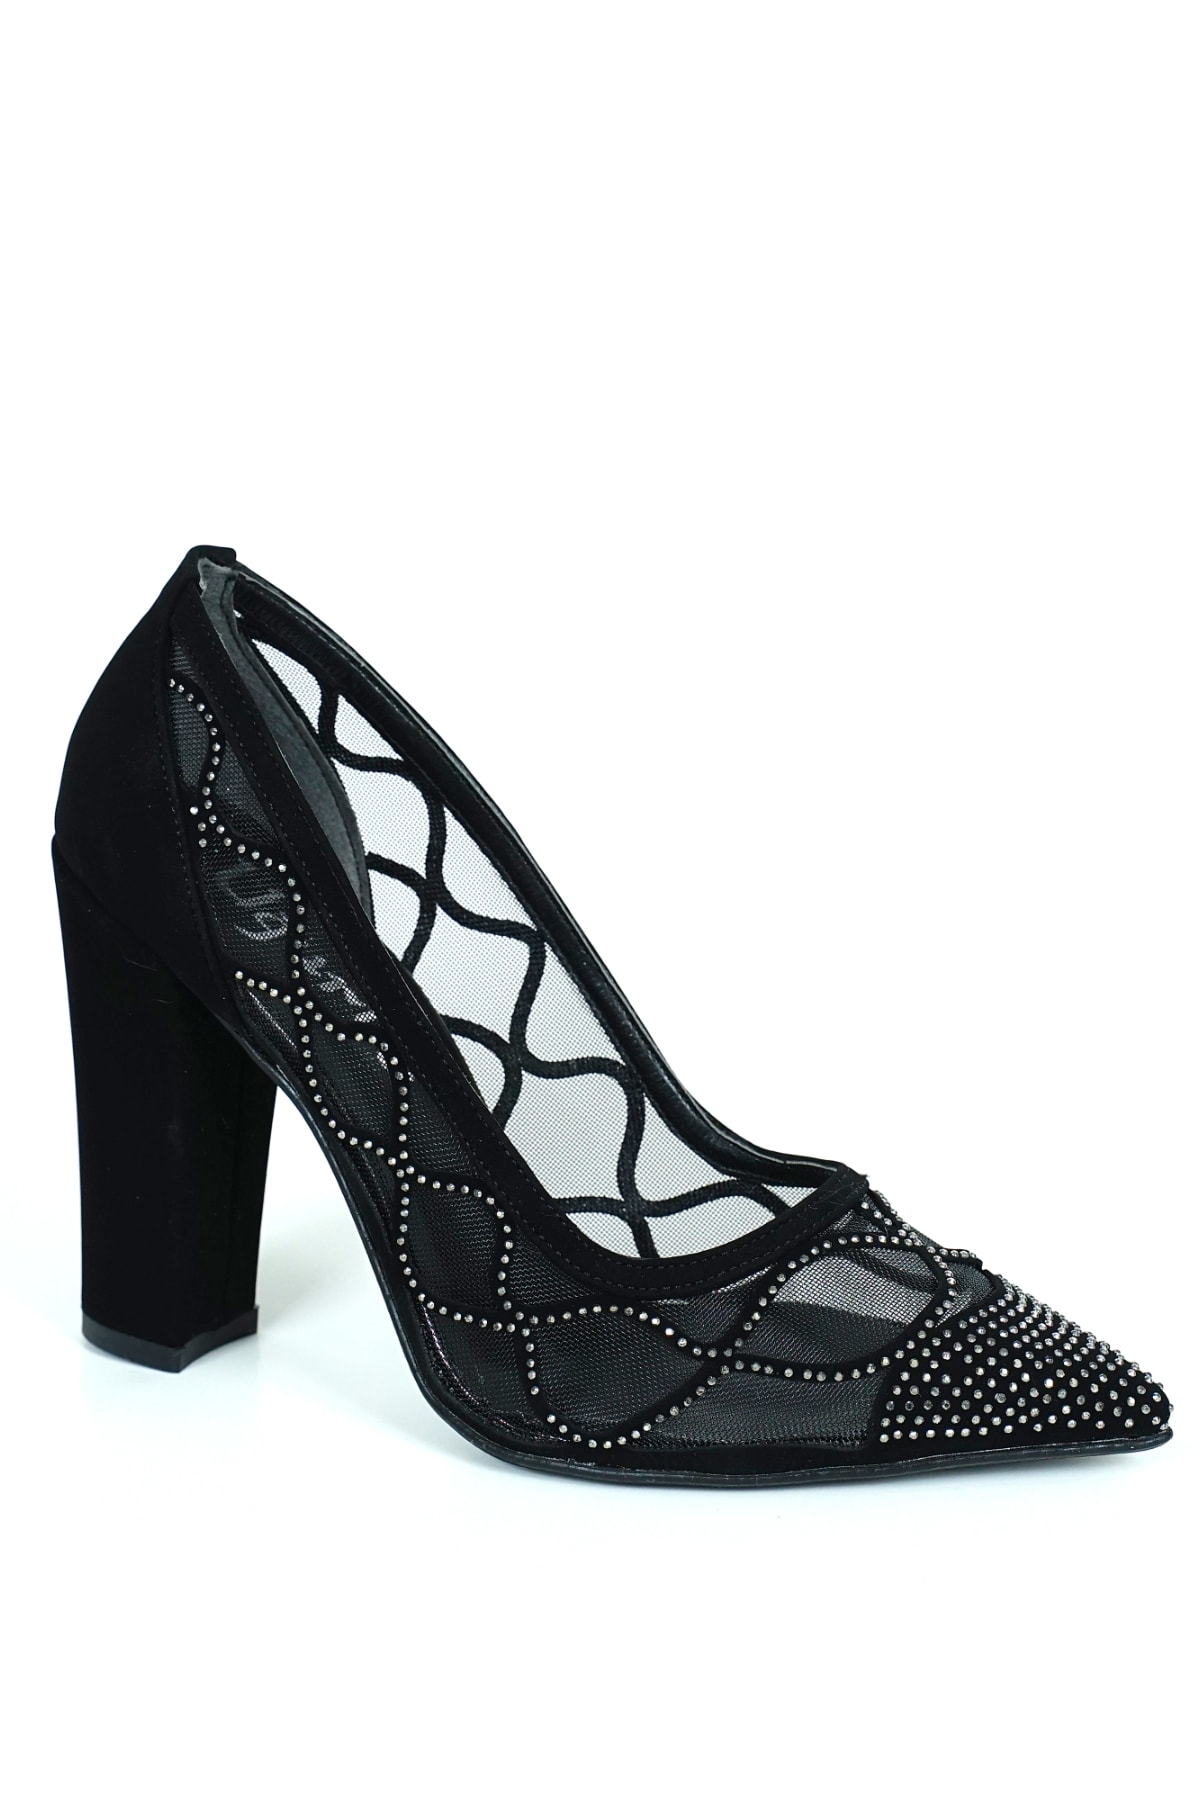 ladypabuc Kadın Stiletto Sindirella Siyah Süet Lazer Detaylı Topuklu Ayakkabı